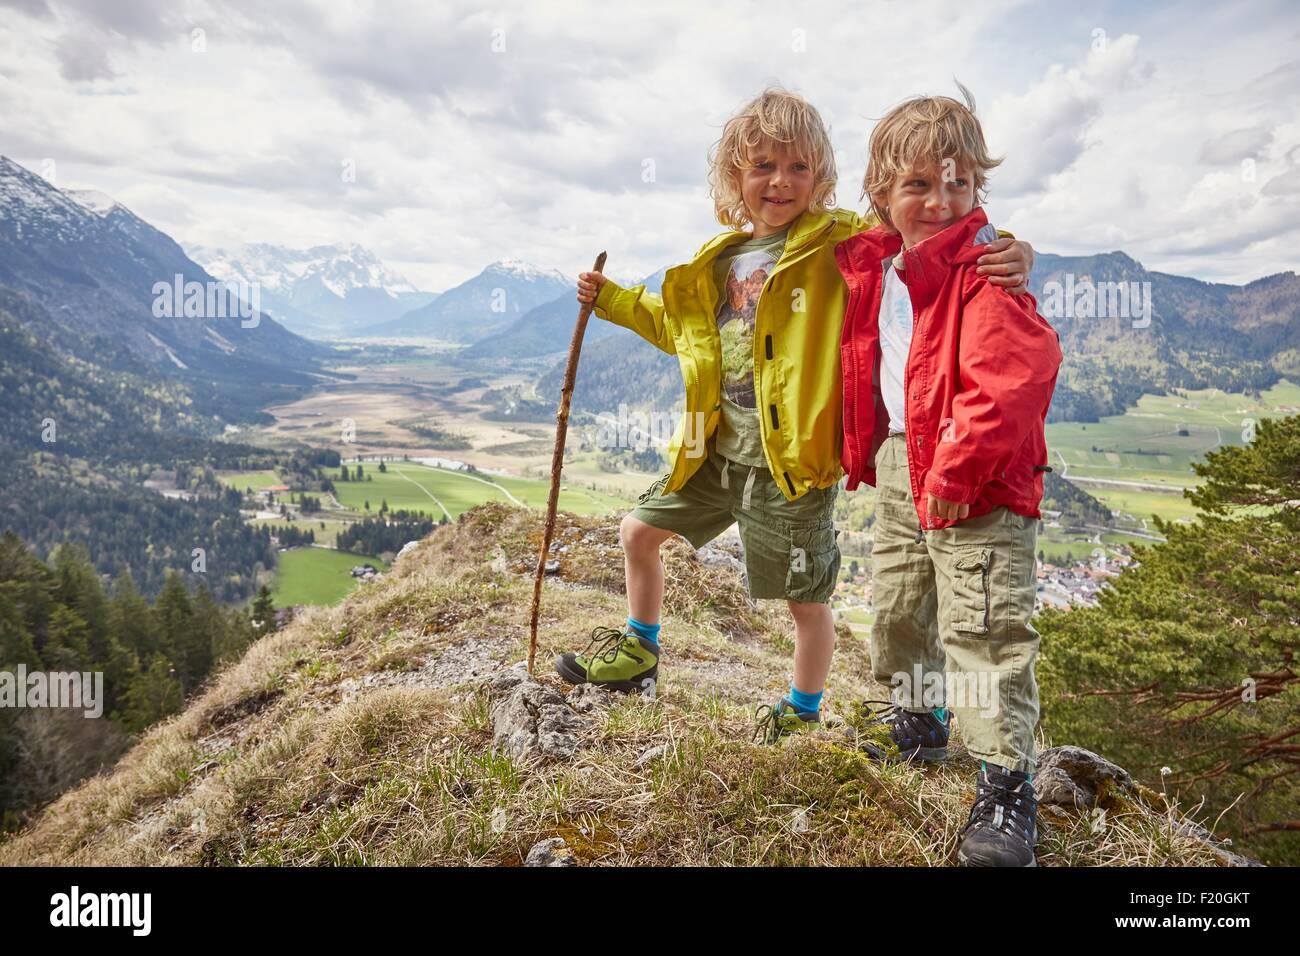 Portrait de deux jeunes garçons, debout sur cette colline, Garmisch-Partenkirchen, Bavière, Allemagne Photo Stock